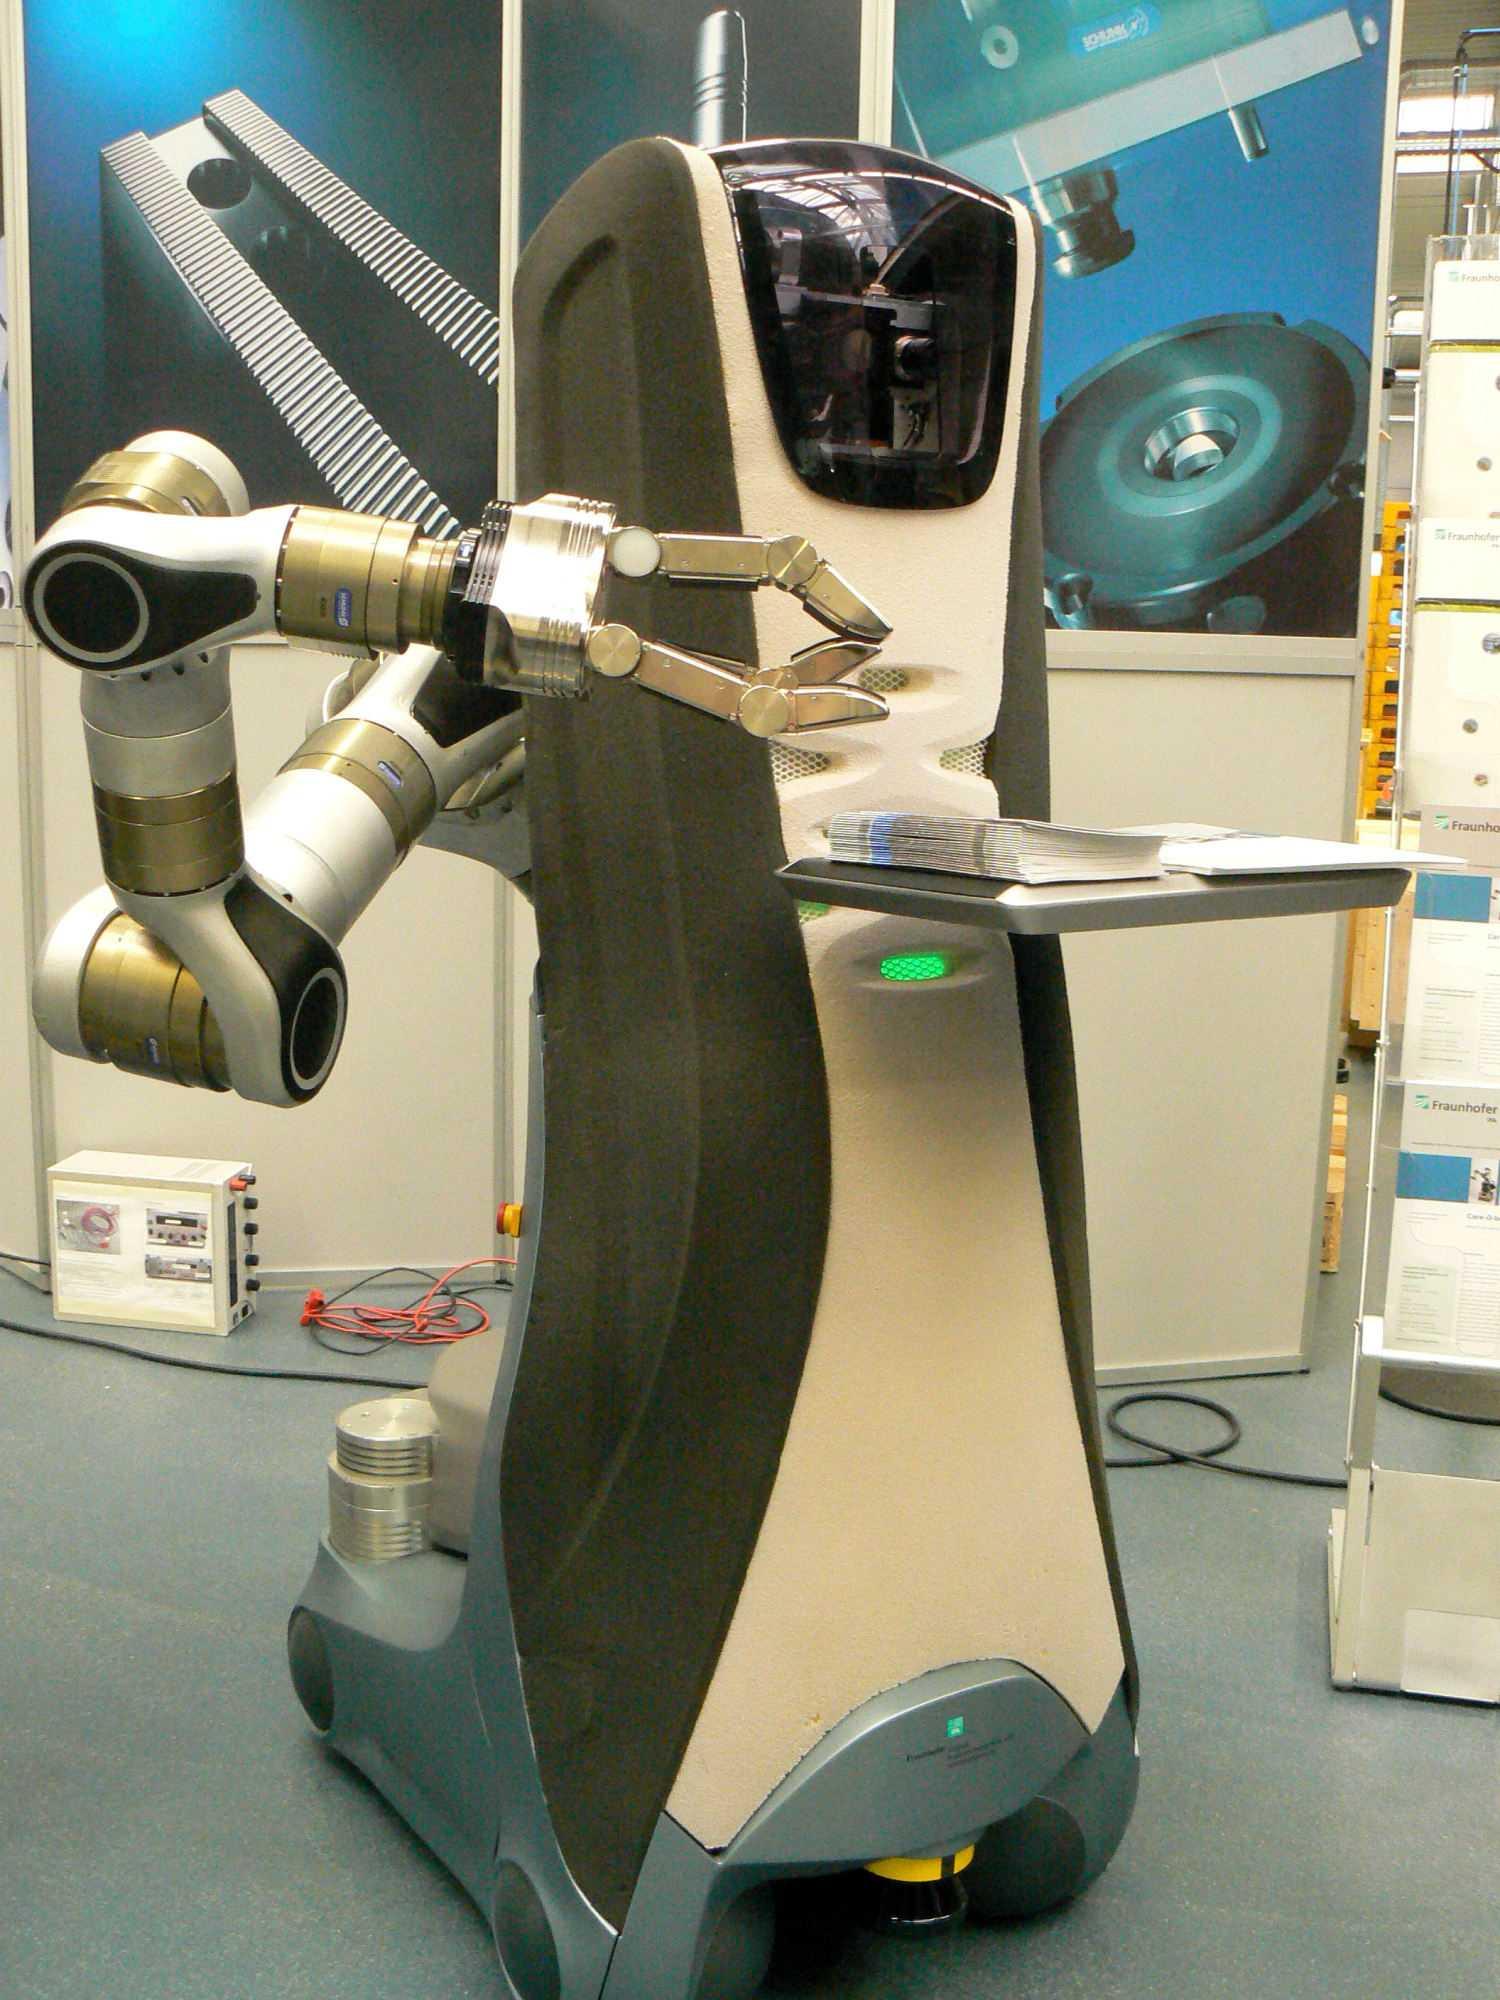 Ein Roboter zur Hilfe in der Pflege: Der Care-O-bot 3 vom Fraunhofer-Institut für Produktionstechnik und Automatisierung